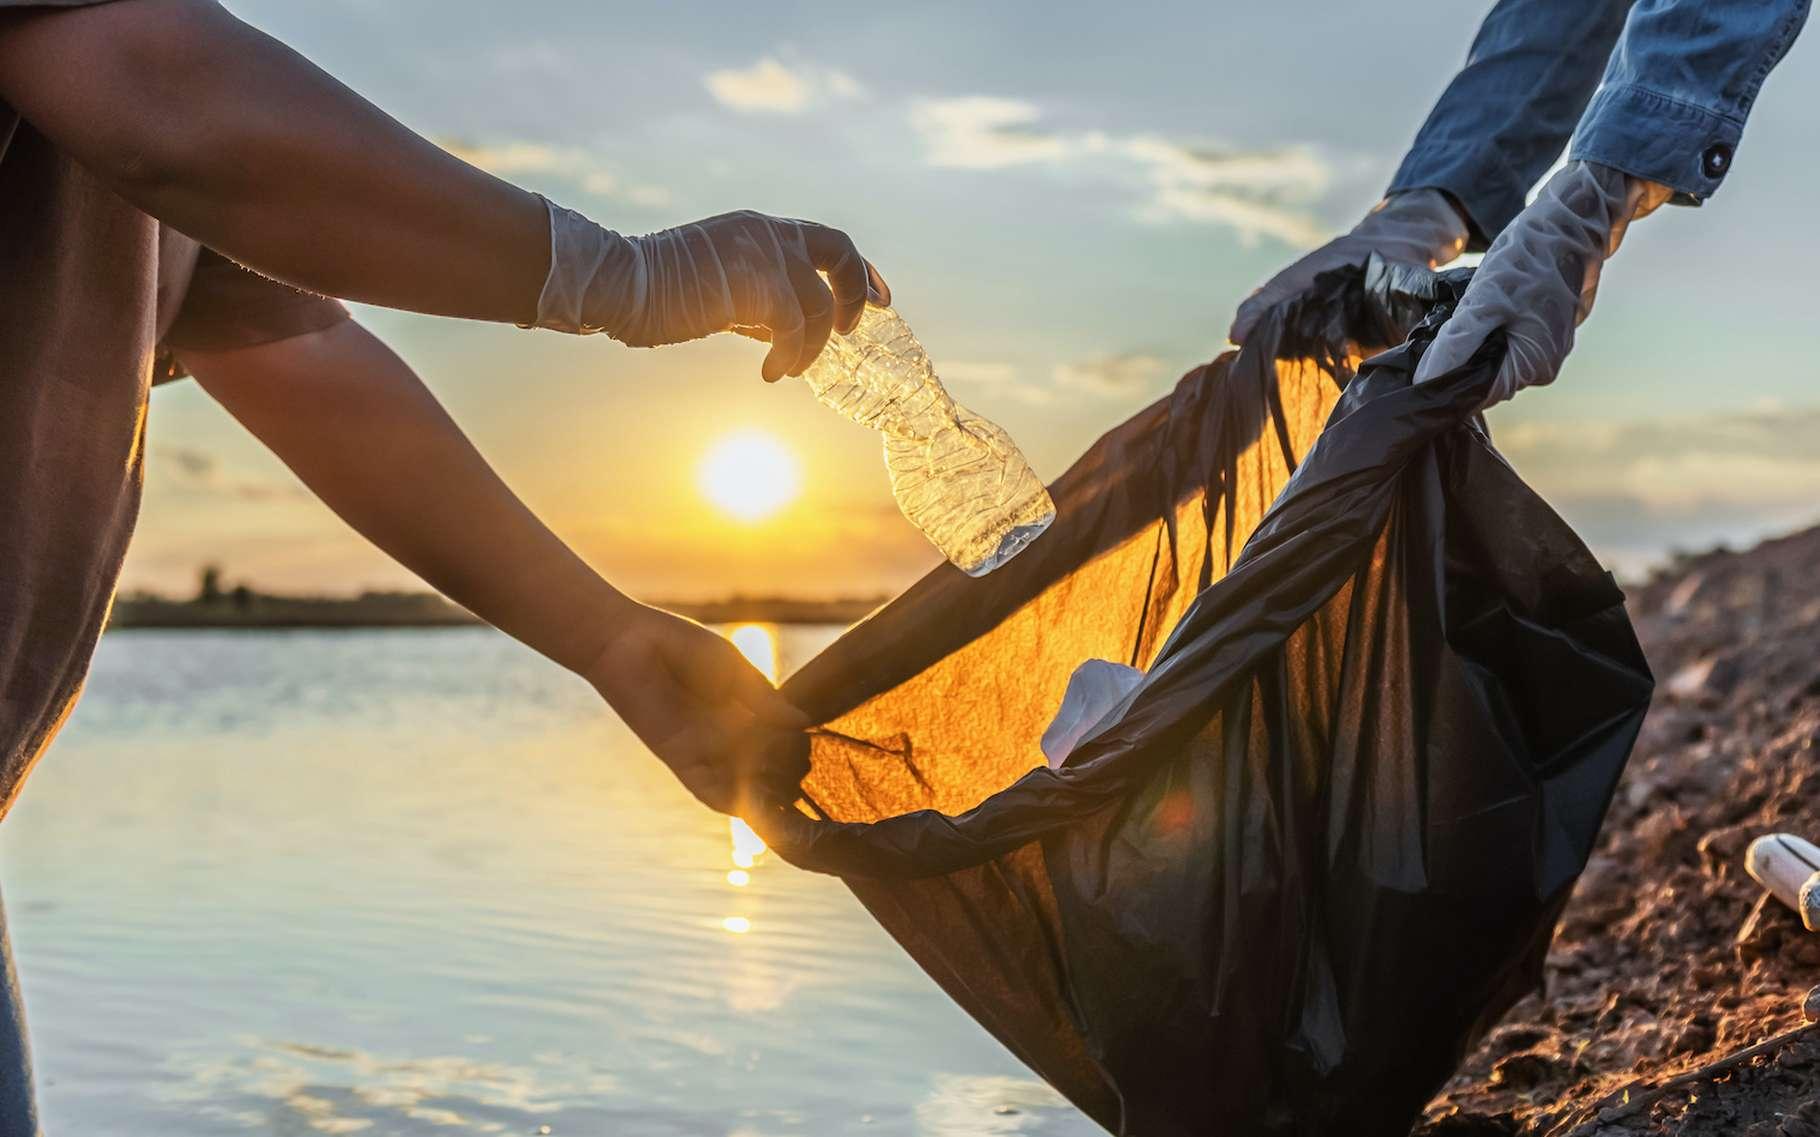 Un plastique, même s'il est biodégradable, ne doit pas être jeté dans la nature. © lovelyday12, Adobe Stock